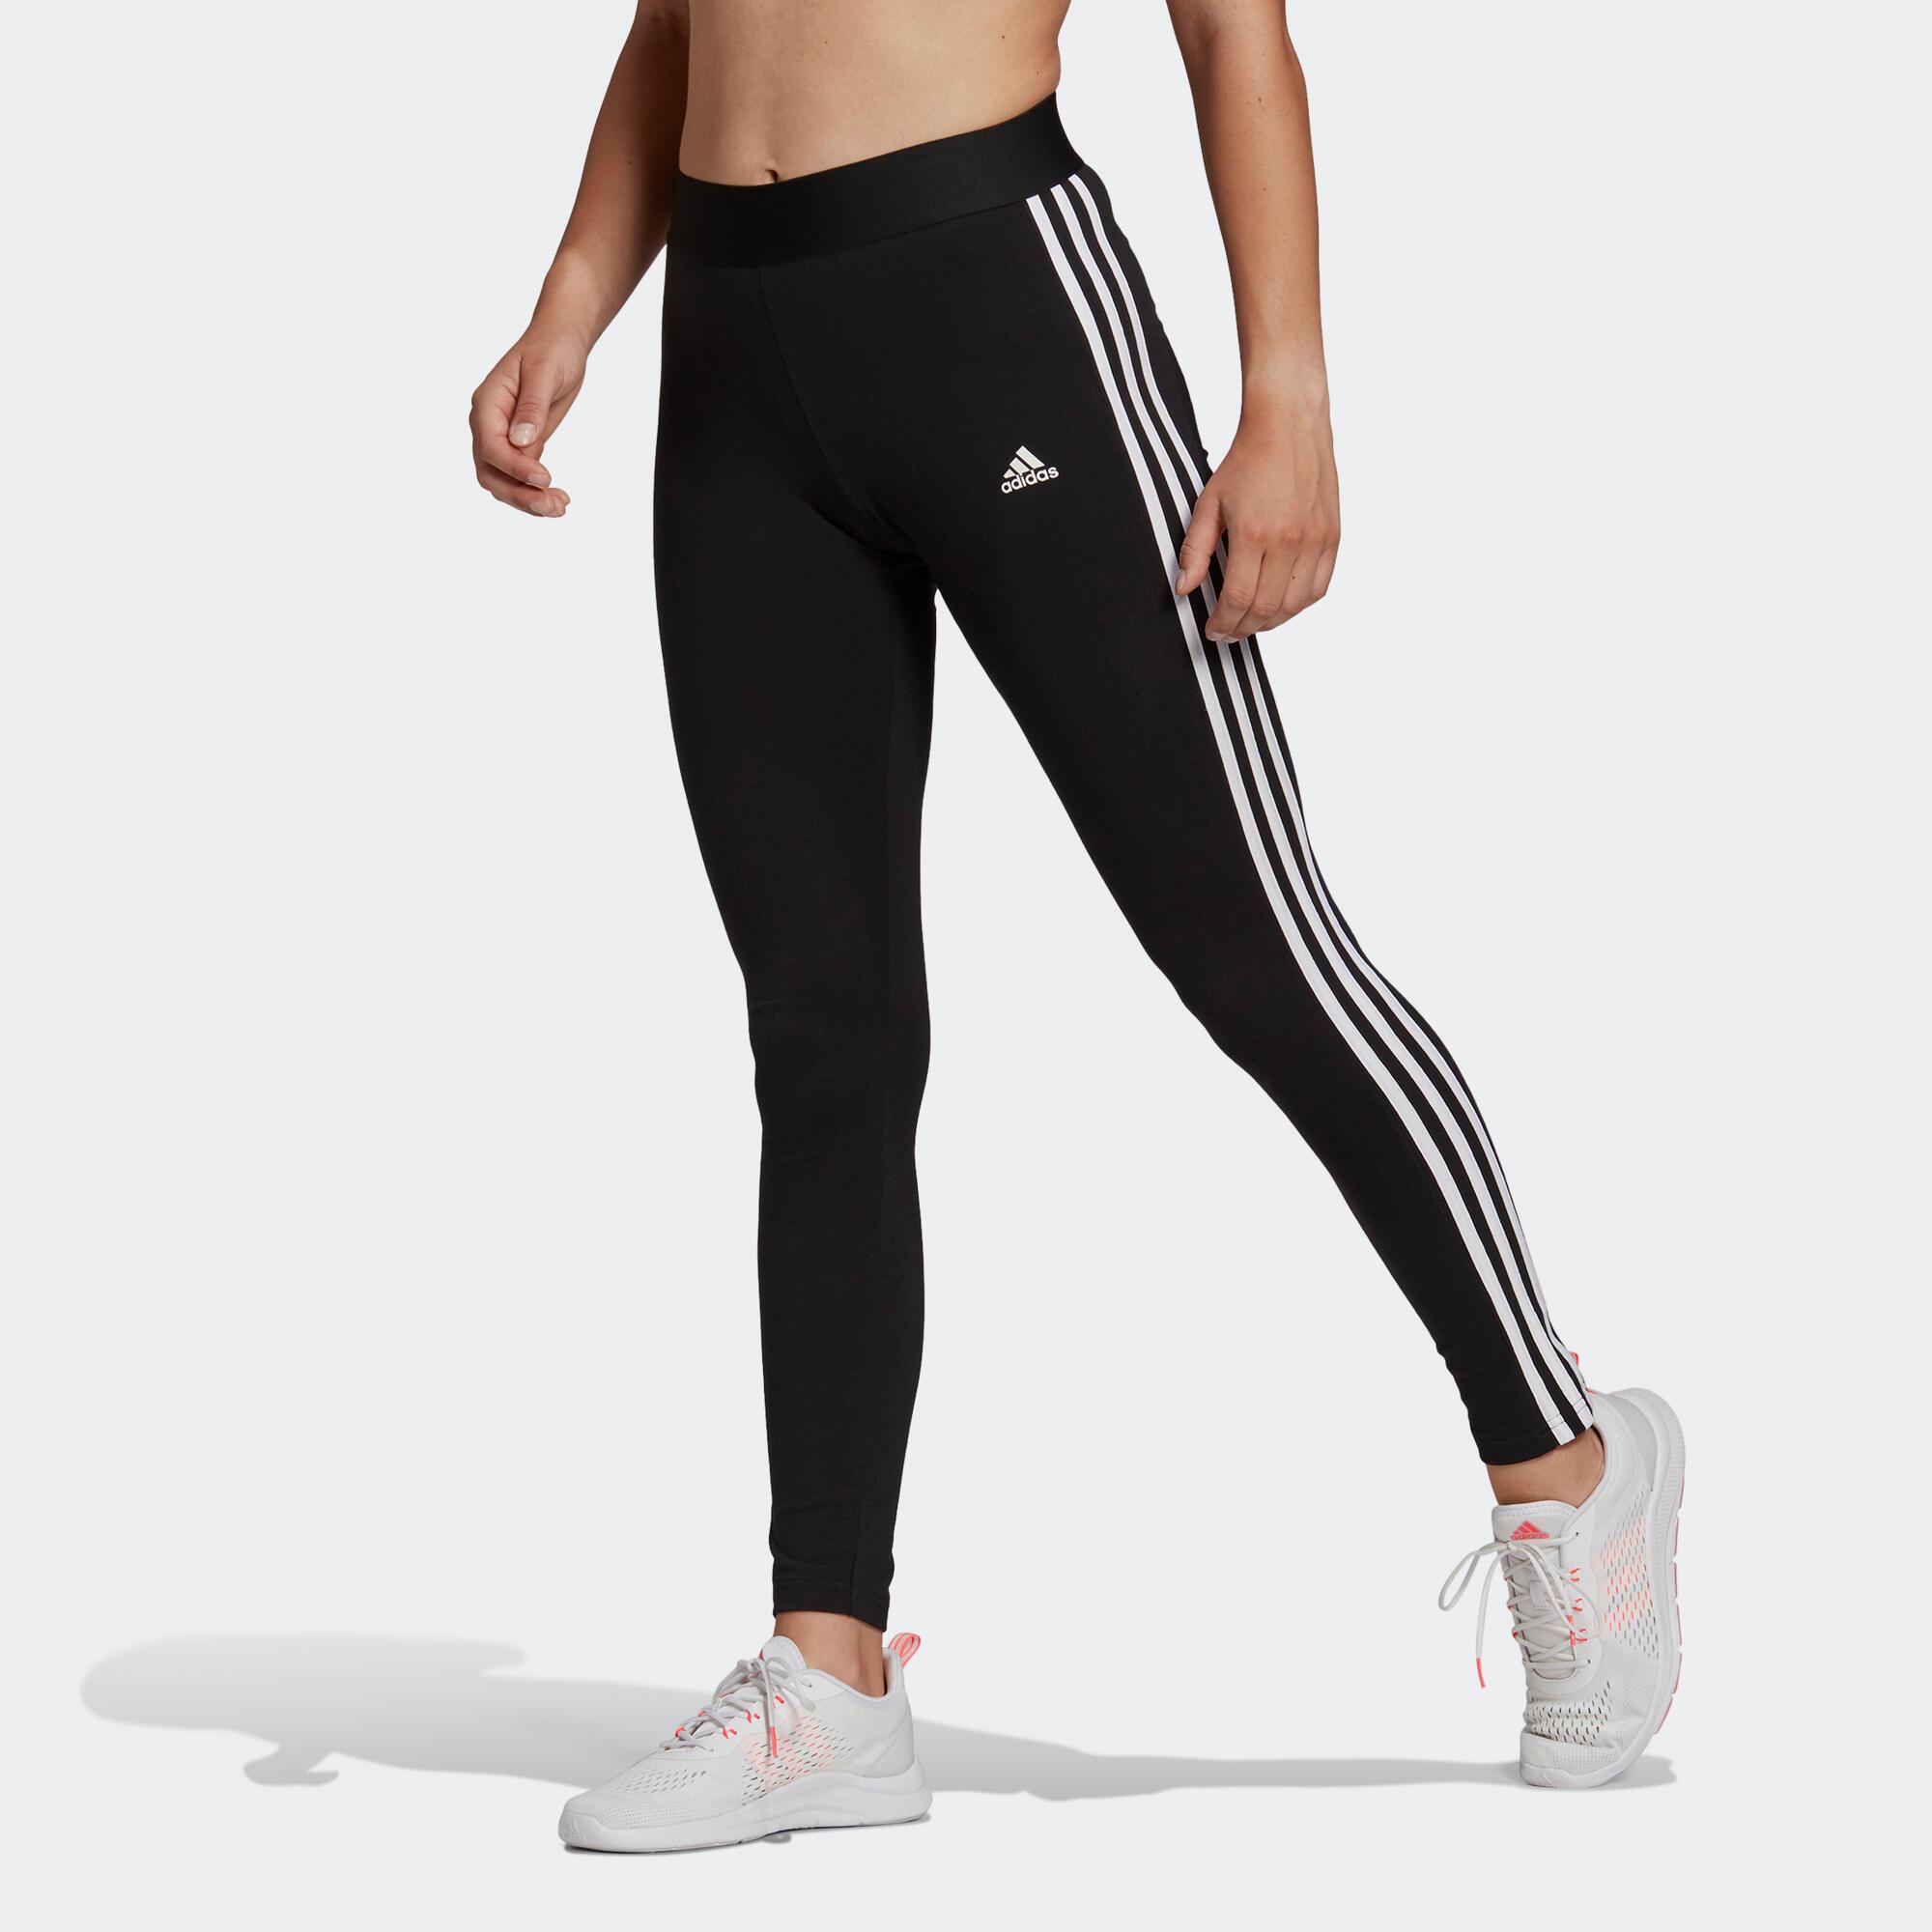 Colanți fitness Negru Damă imagine